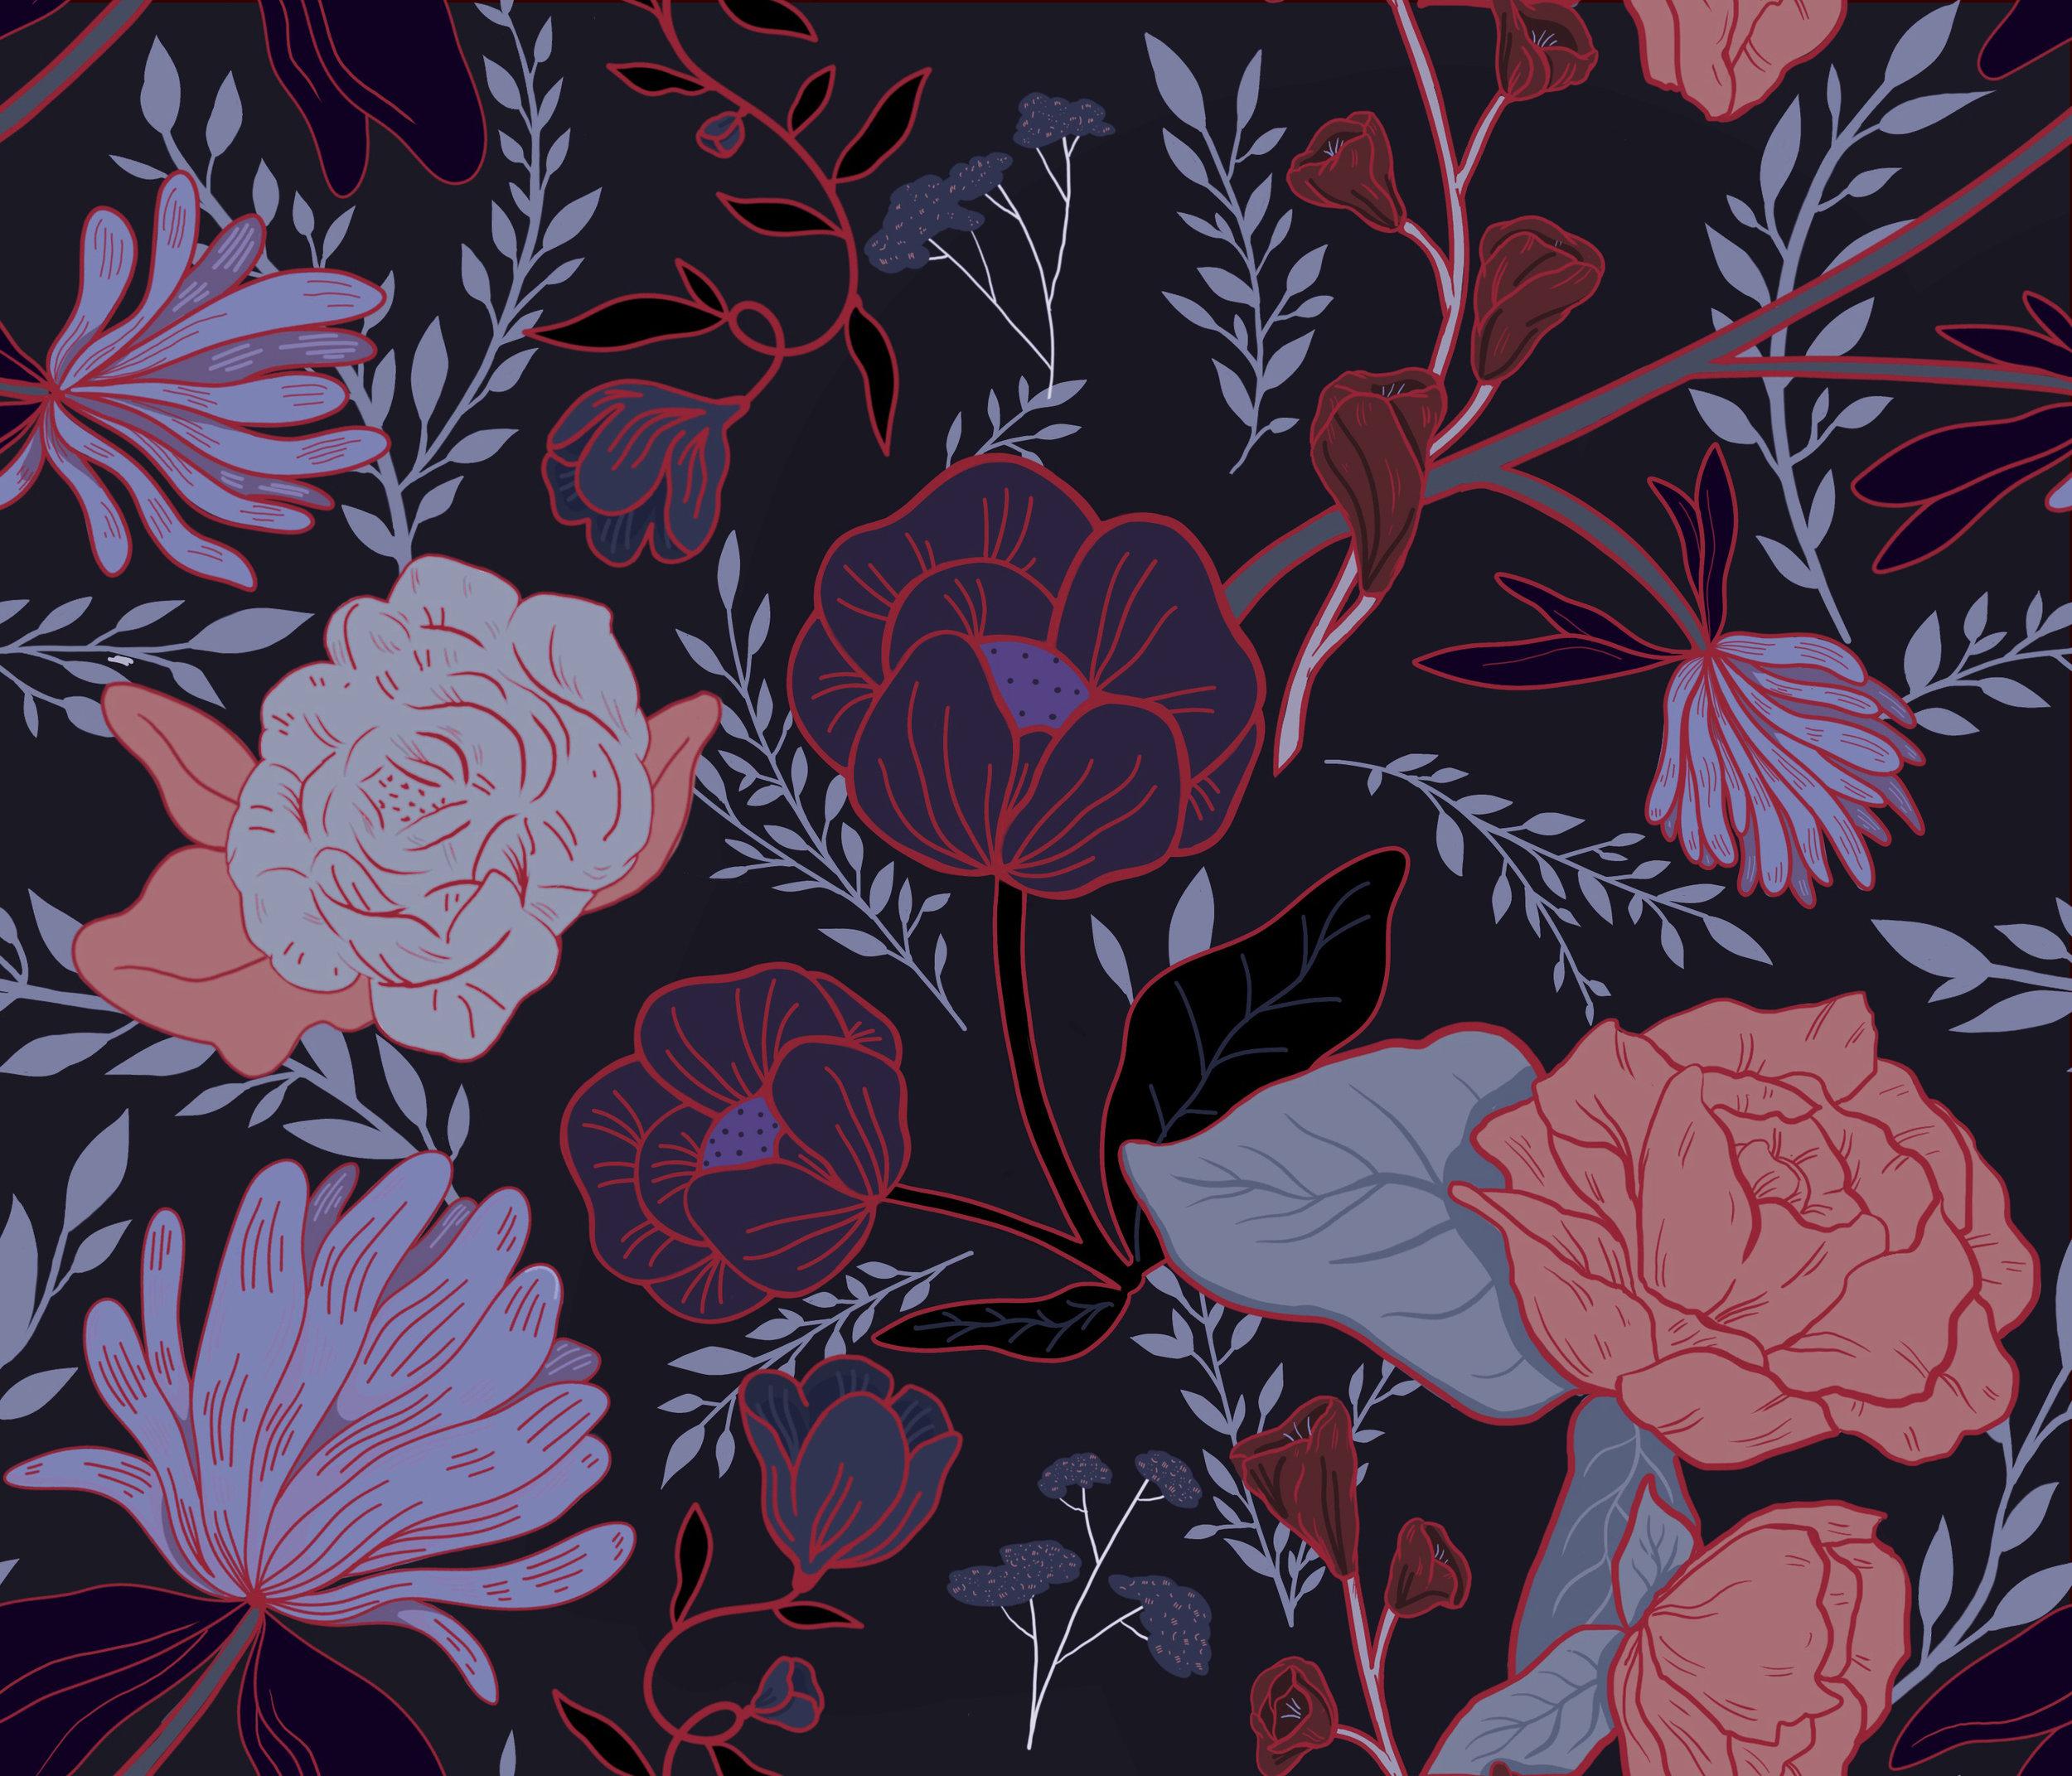 floral_repeat.jpg